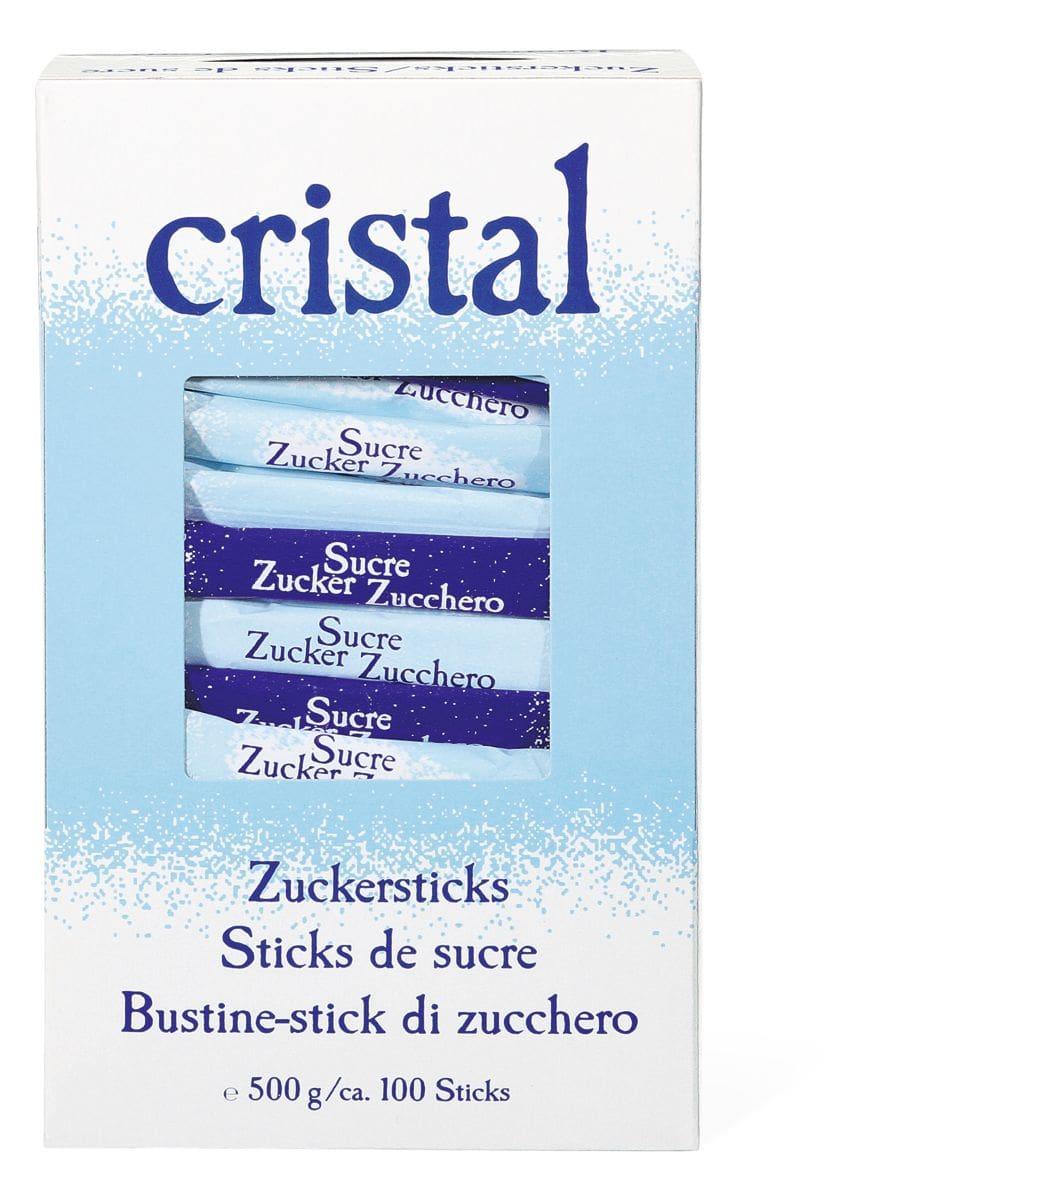 Cristal Zucchero 100 Bustine stick